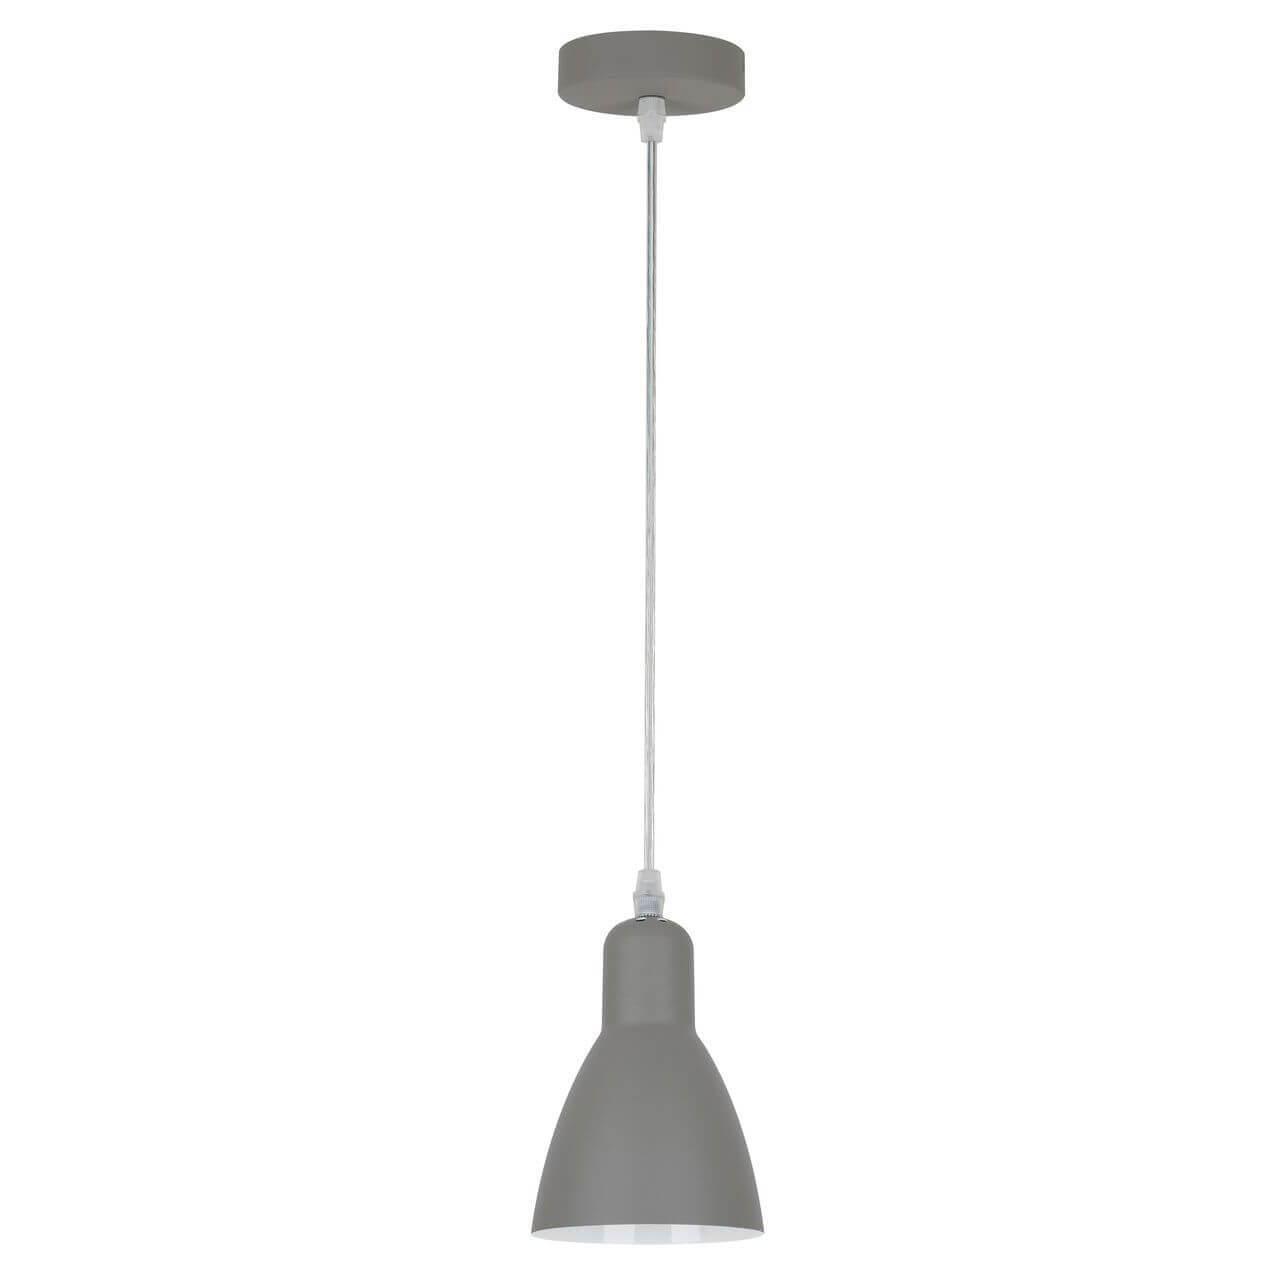 Подвесной светильник Arte Lamp Mercoled A5049SP-1GY цены